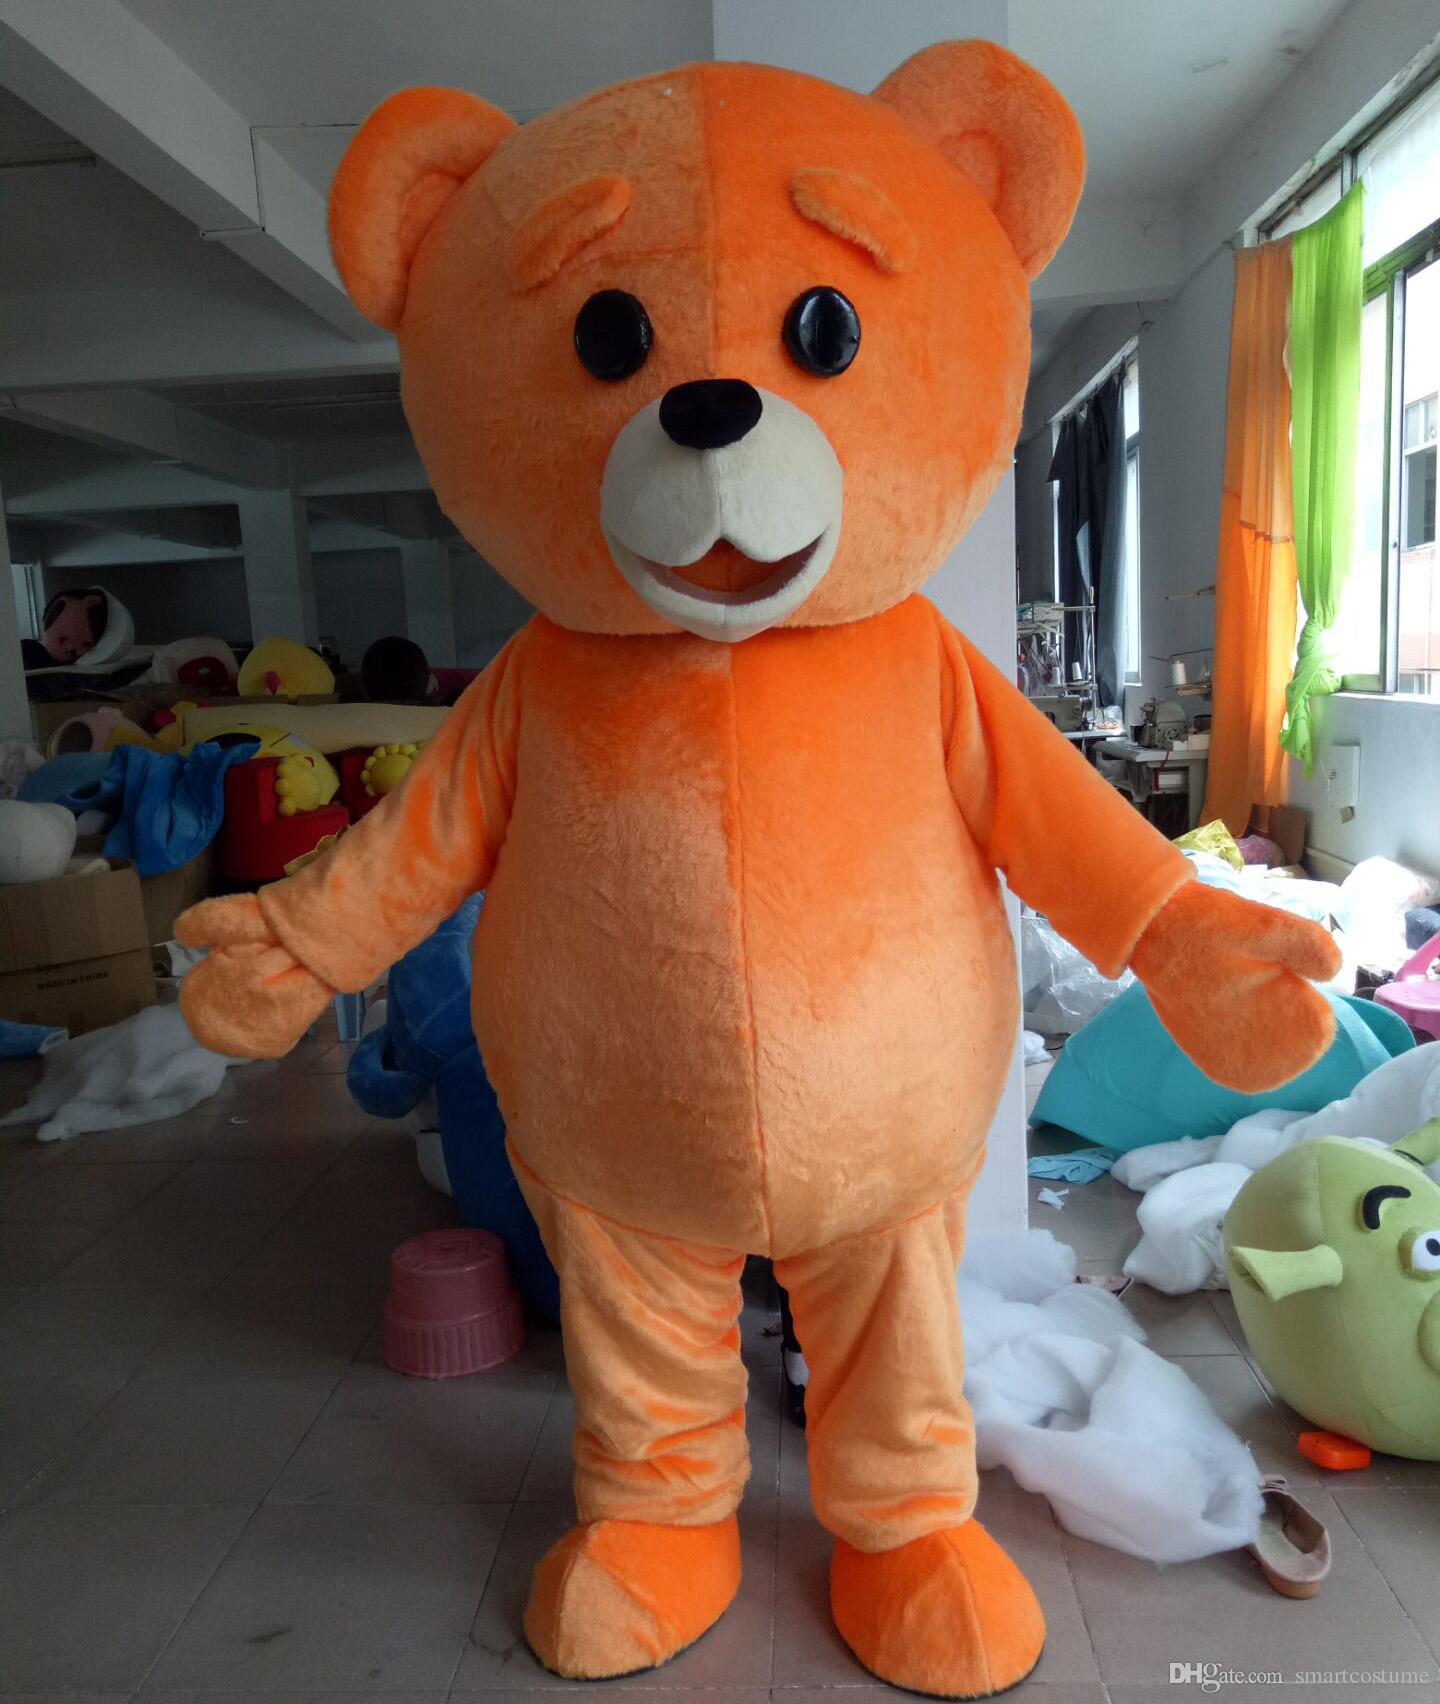 WR210 Бесплатная доставка легкий и удобный для взрослых оранжевый цвет плюшевого мишки талисман костюм для взрослых носить